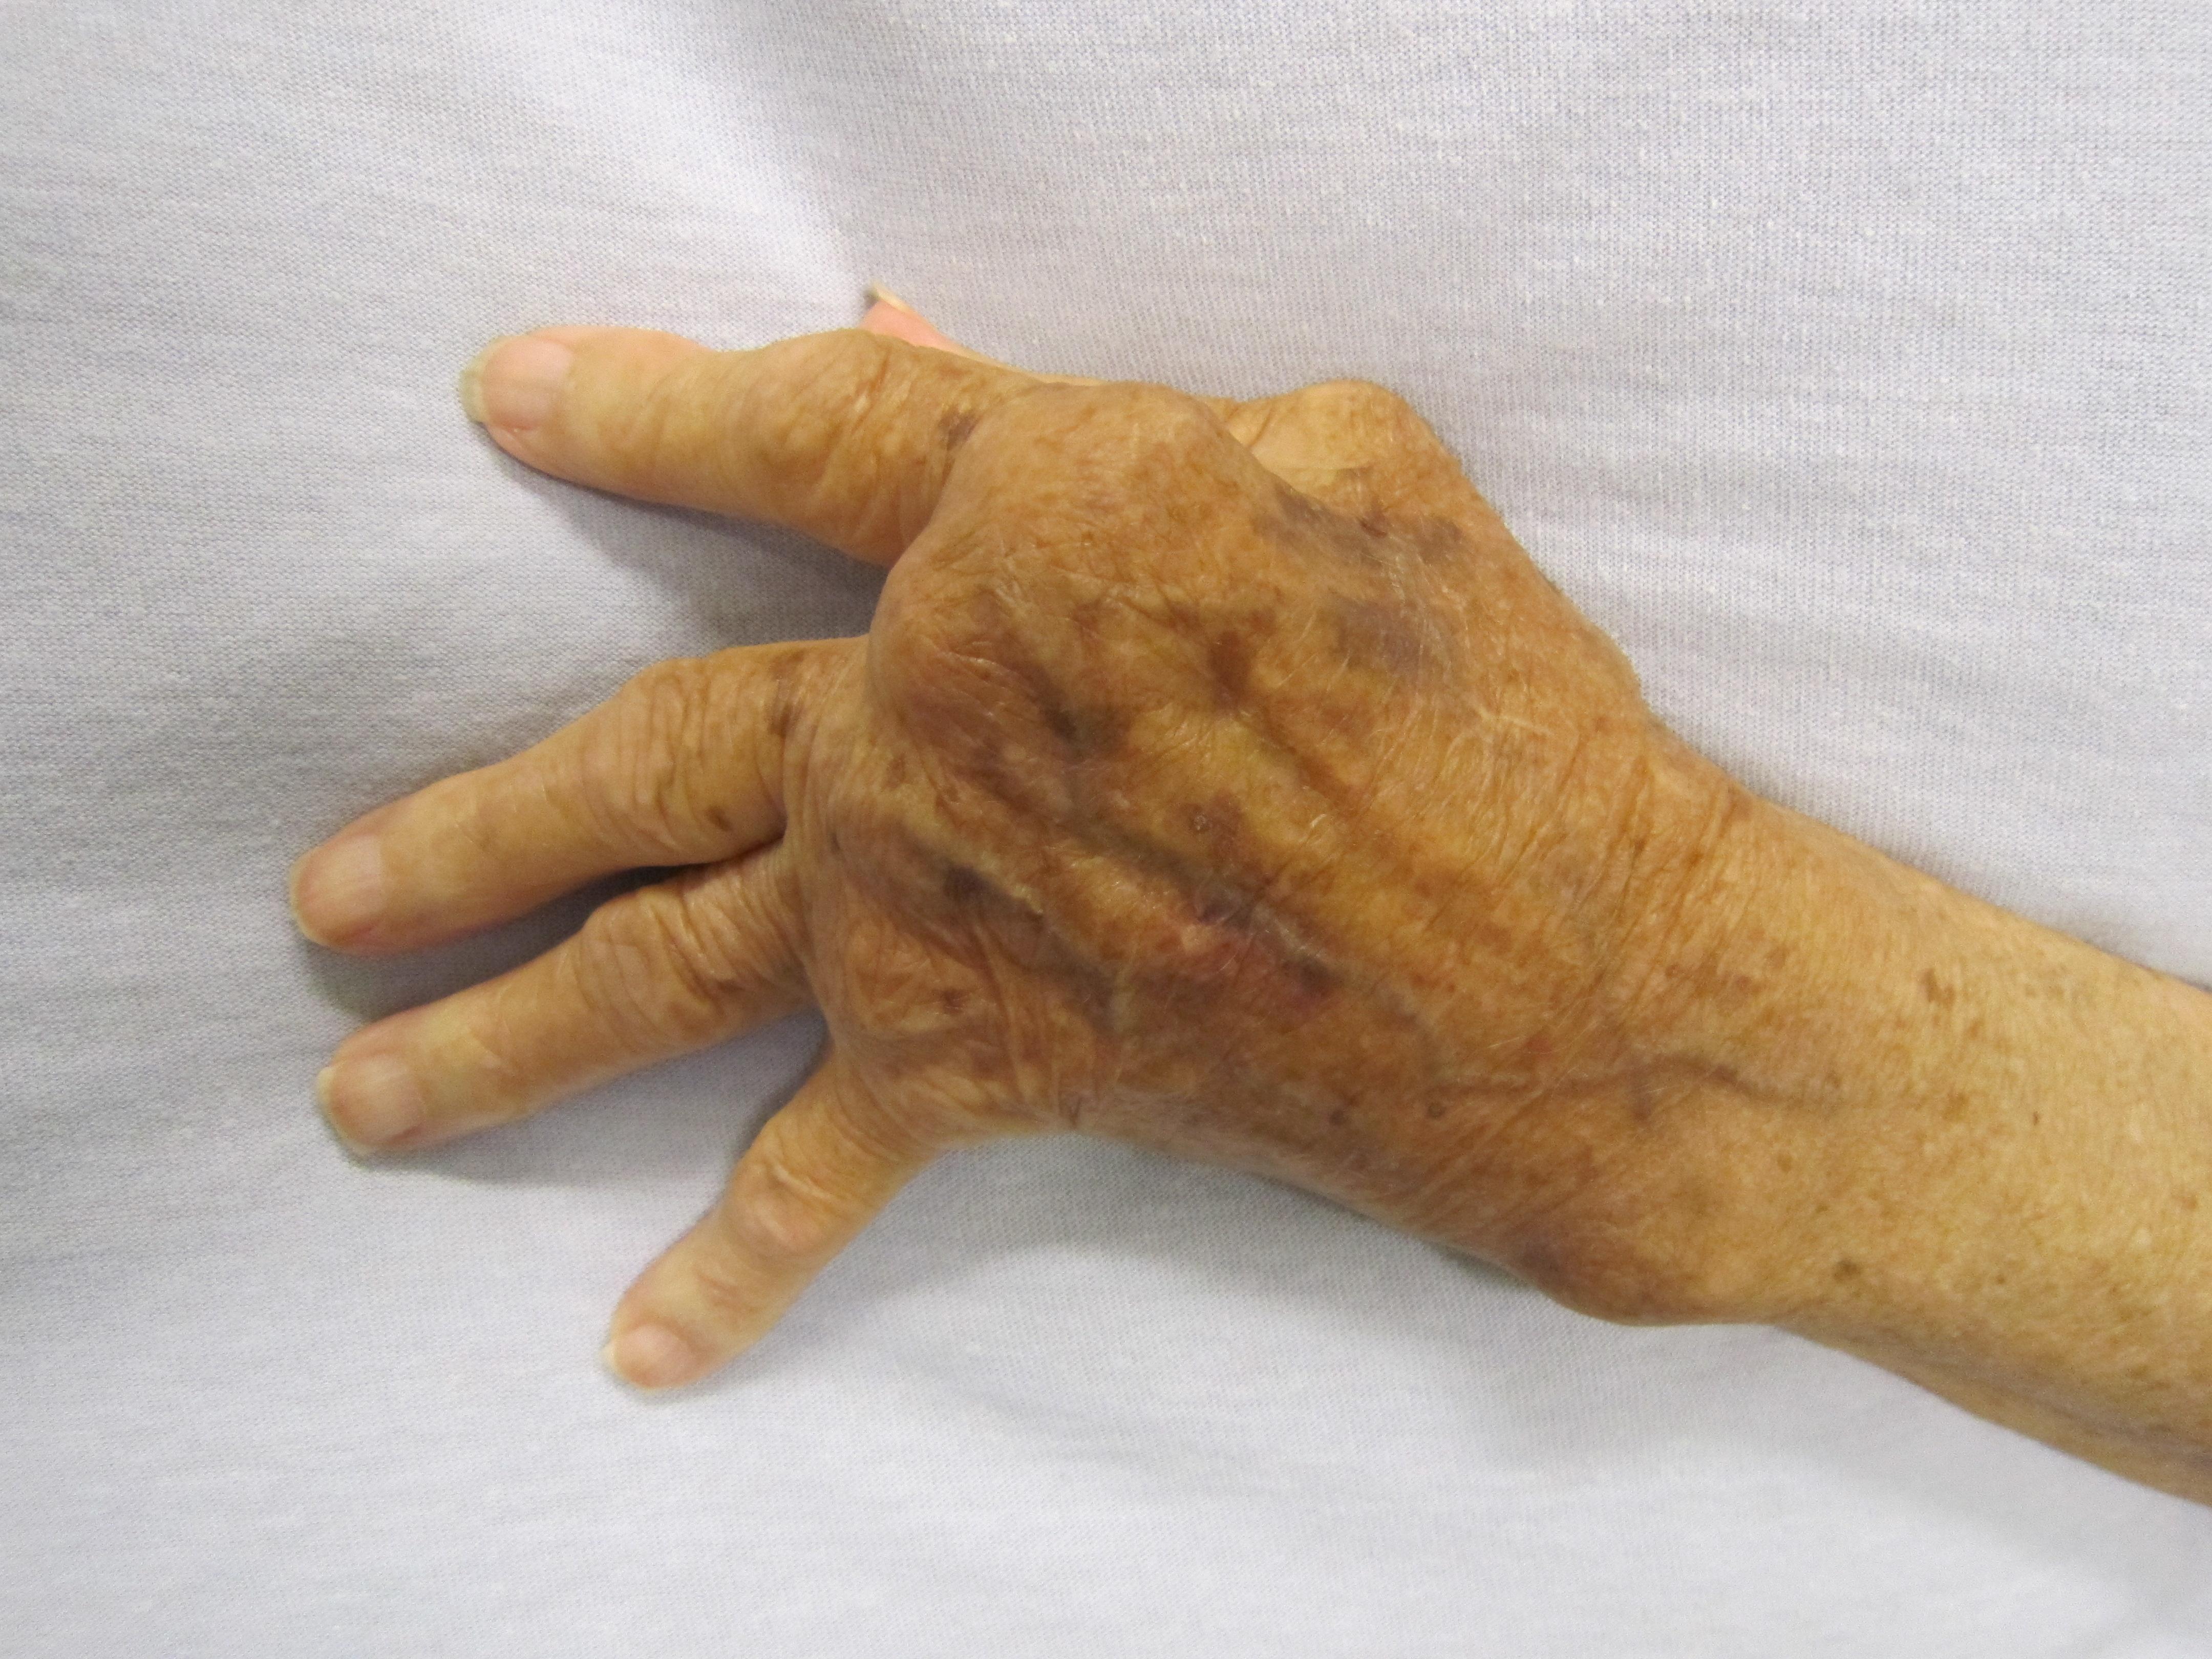 könyök köszvényes izületi gyulladása csípő-diszplázia kezelése 4 év alatt